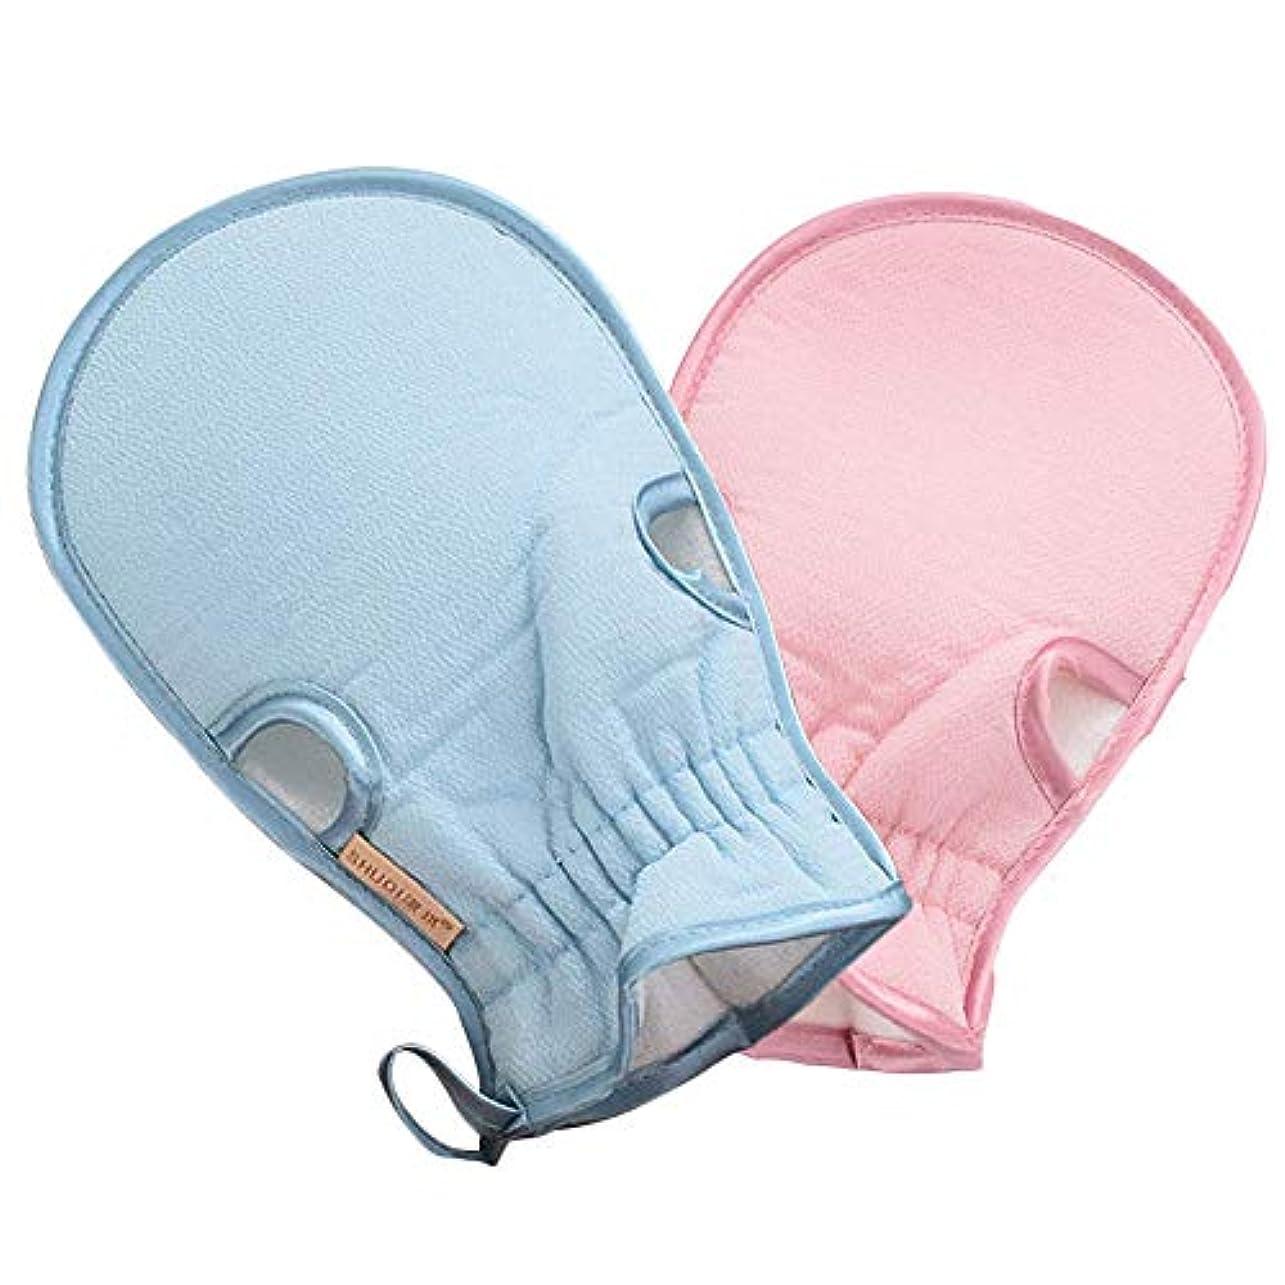 ソート藤色測る2パック浴用手袋 あかすり ボディタオル 入浴用品 バス用品 垢すり手袋 毛穴清潔 角質除去